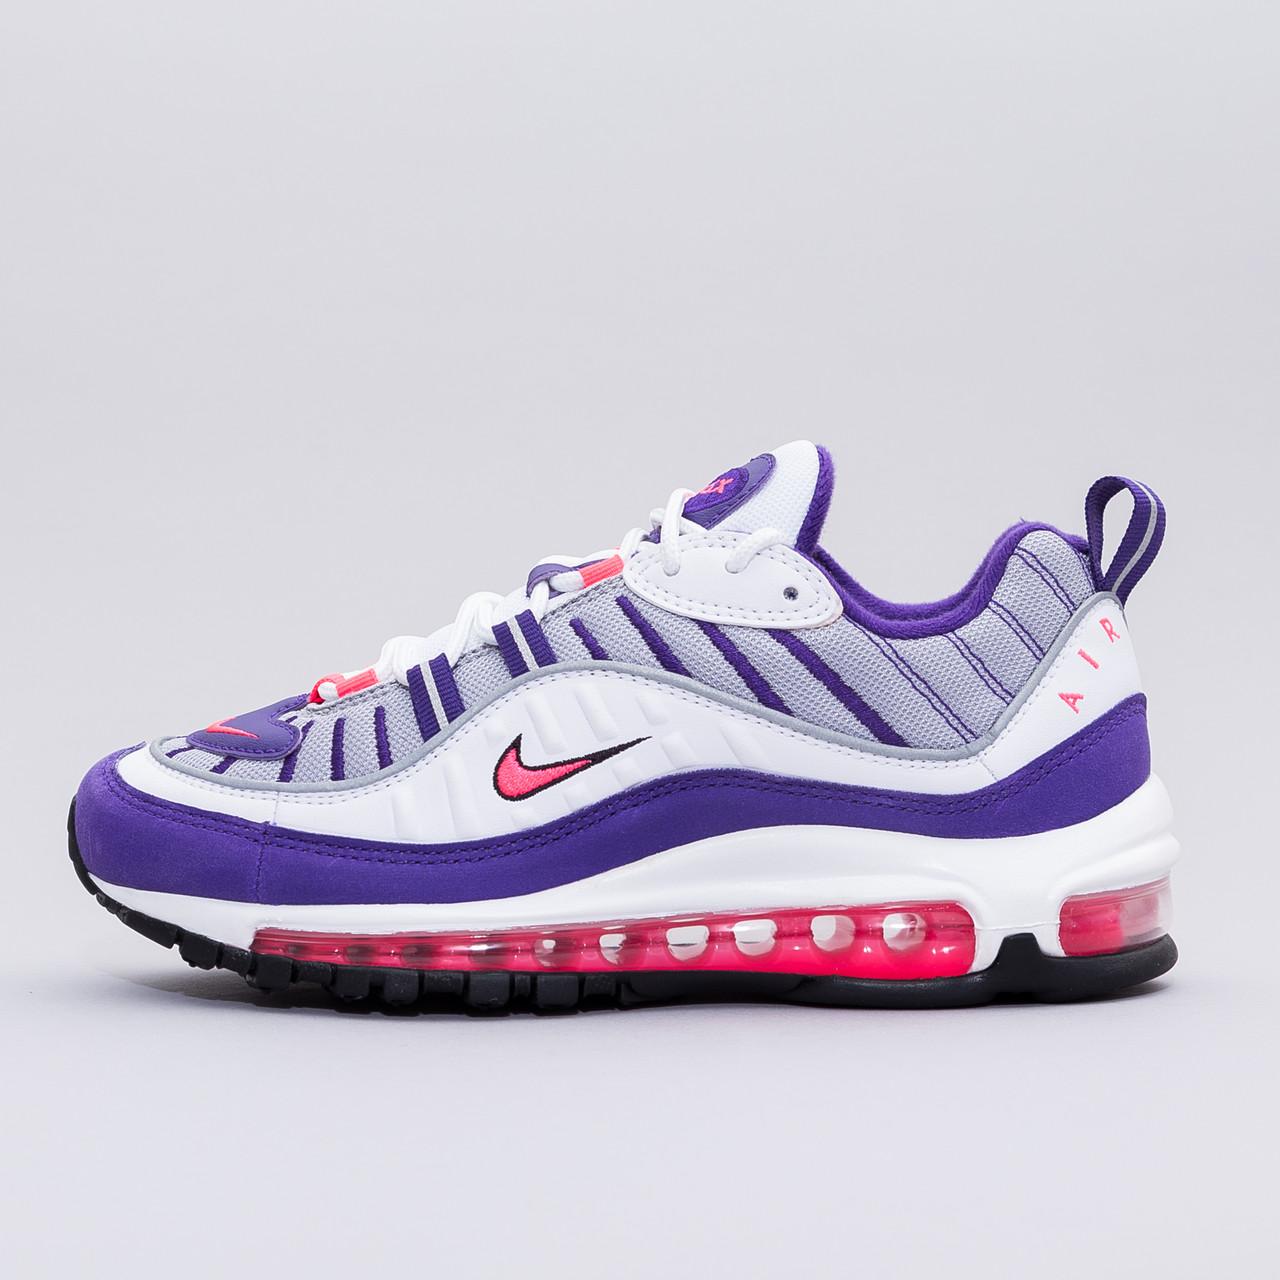 1f3e08e3 Женские кроссовки Nike Air Max 98 AH6799-110 - Parallel-Brandshop.  Оригинальная обувь